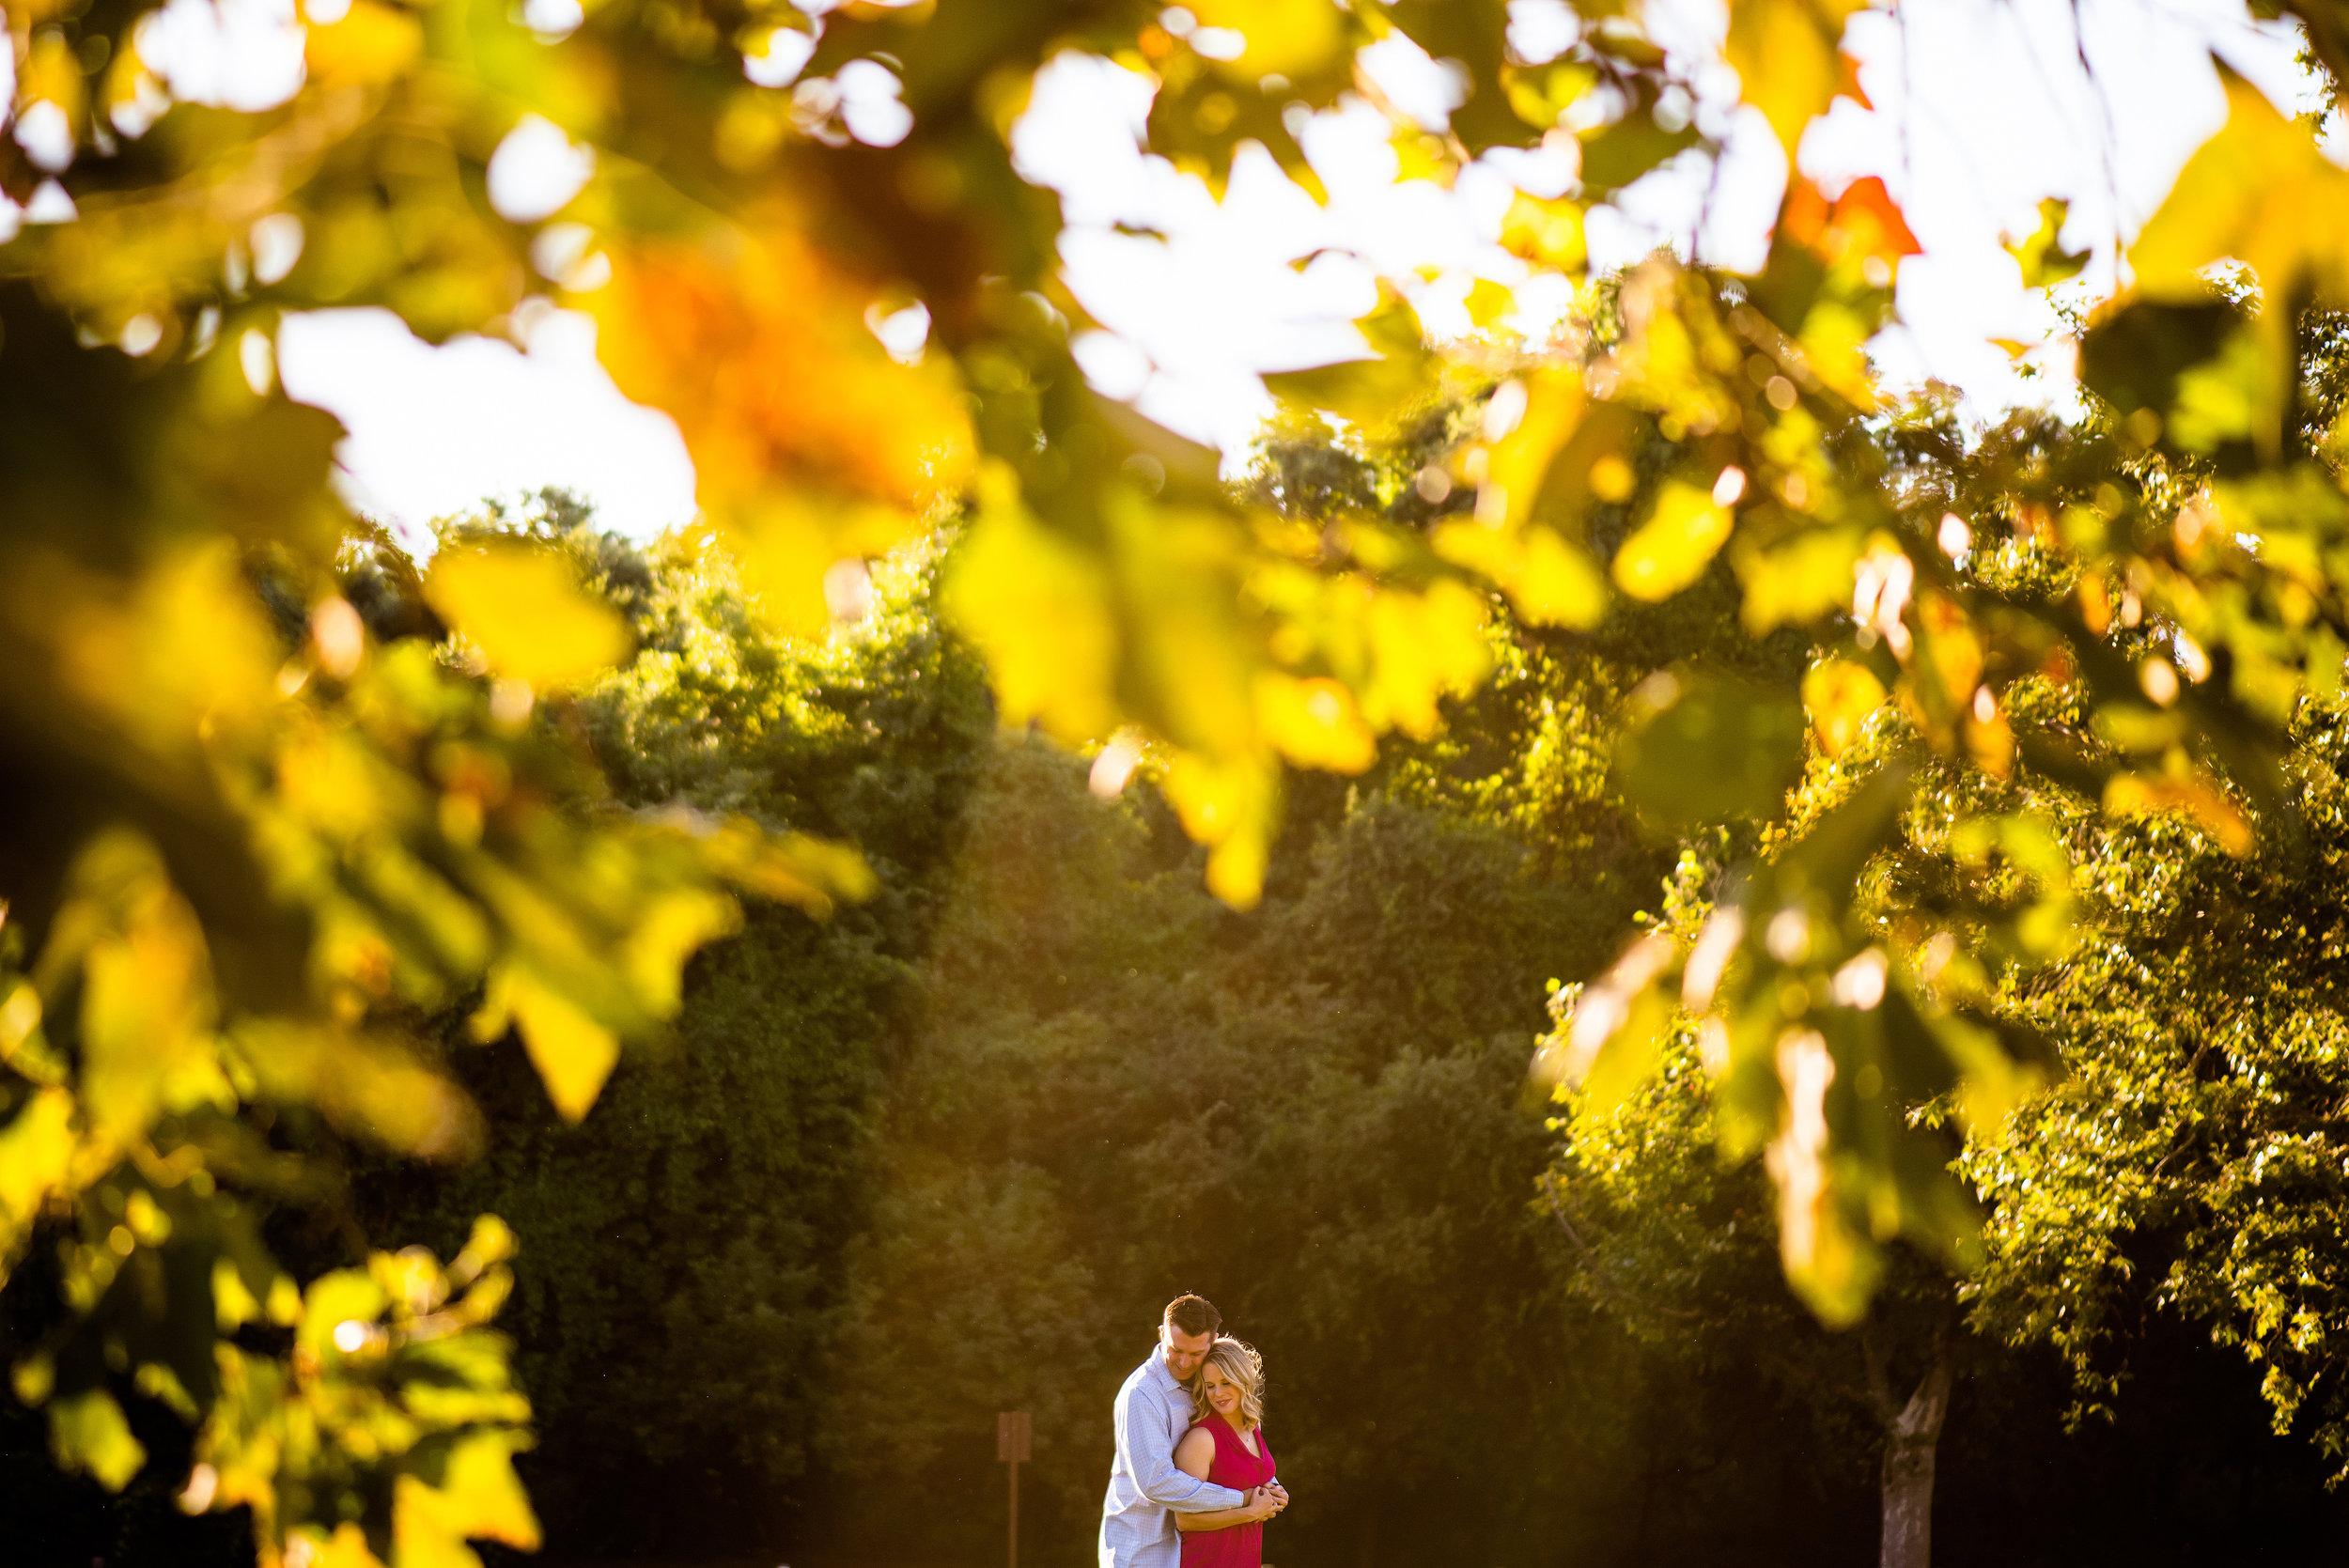 shannon-erich-046-engagement-sacramento-wedding-photographer-katherine-nicole-photography.JPG